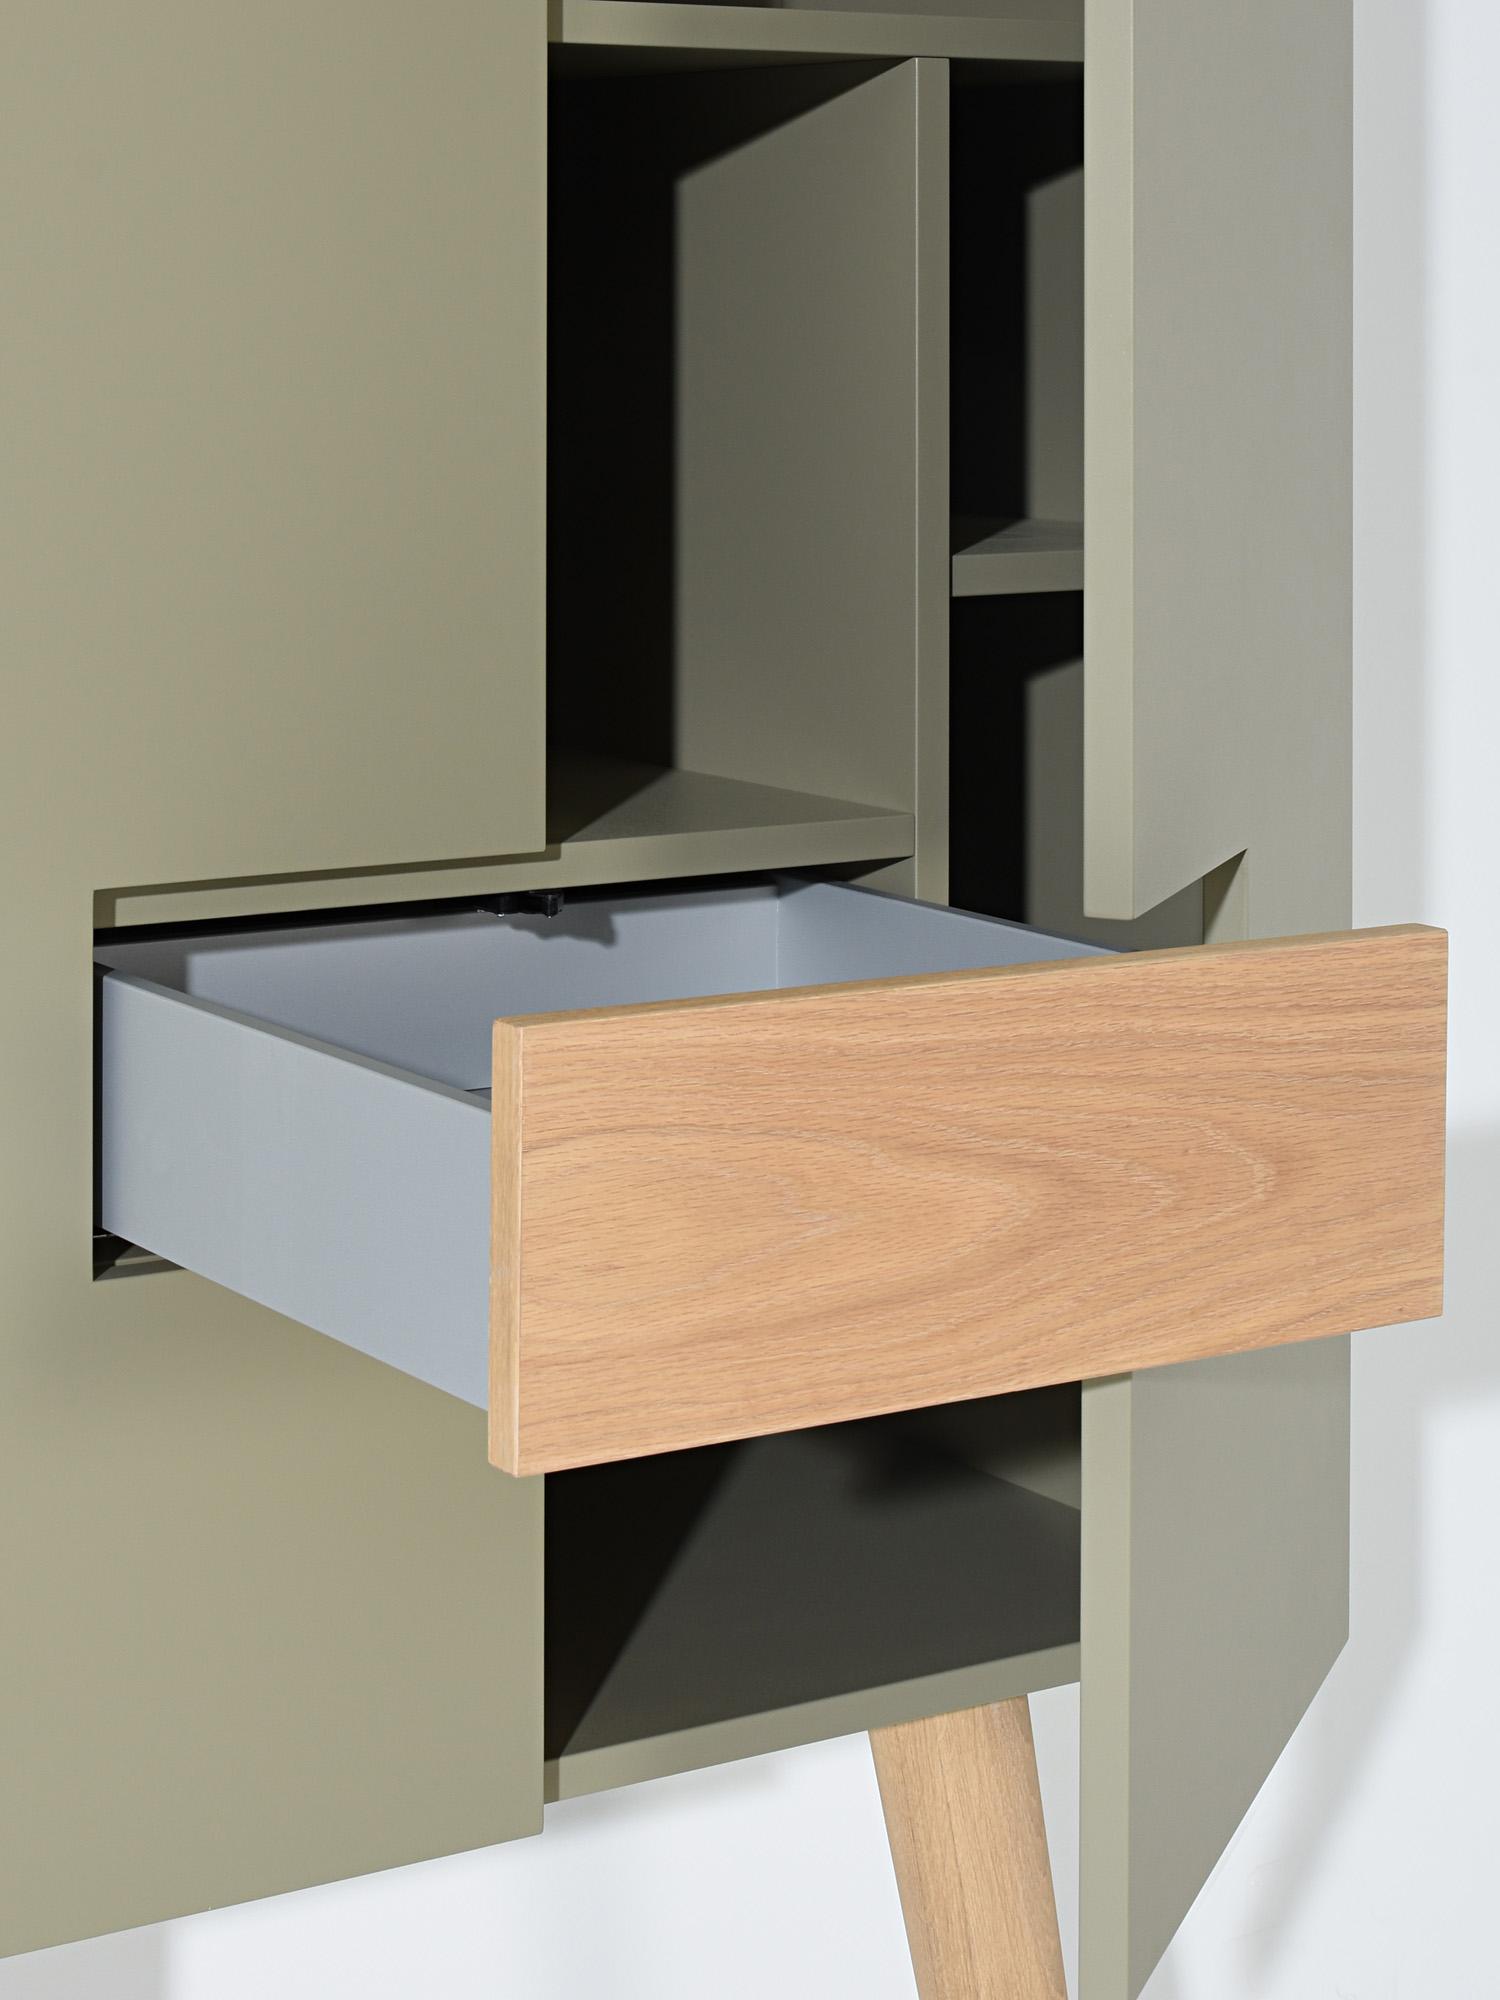 RP-Leunkast, ontwerp door Coen Castelijn